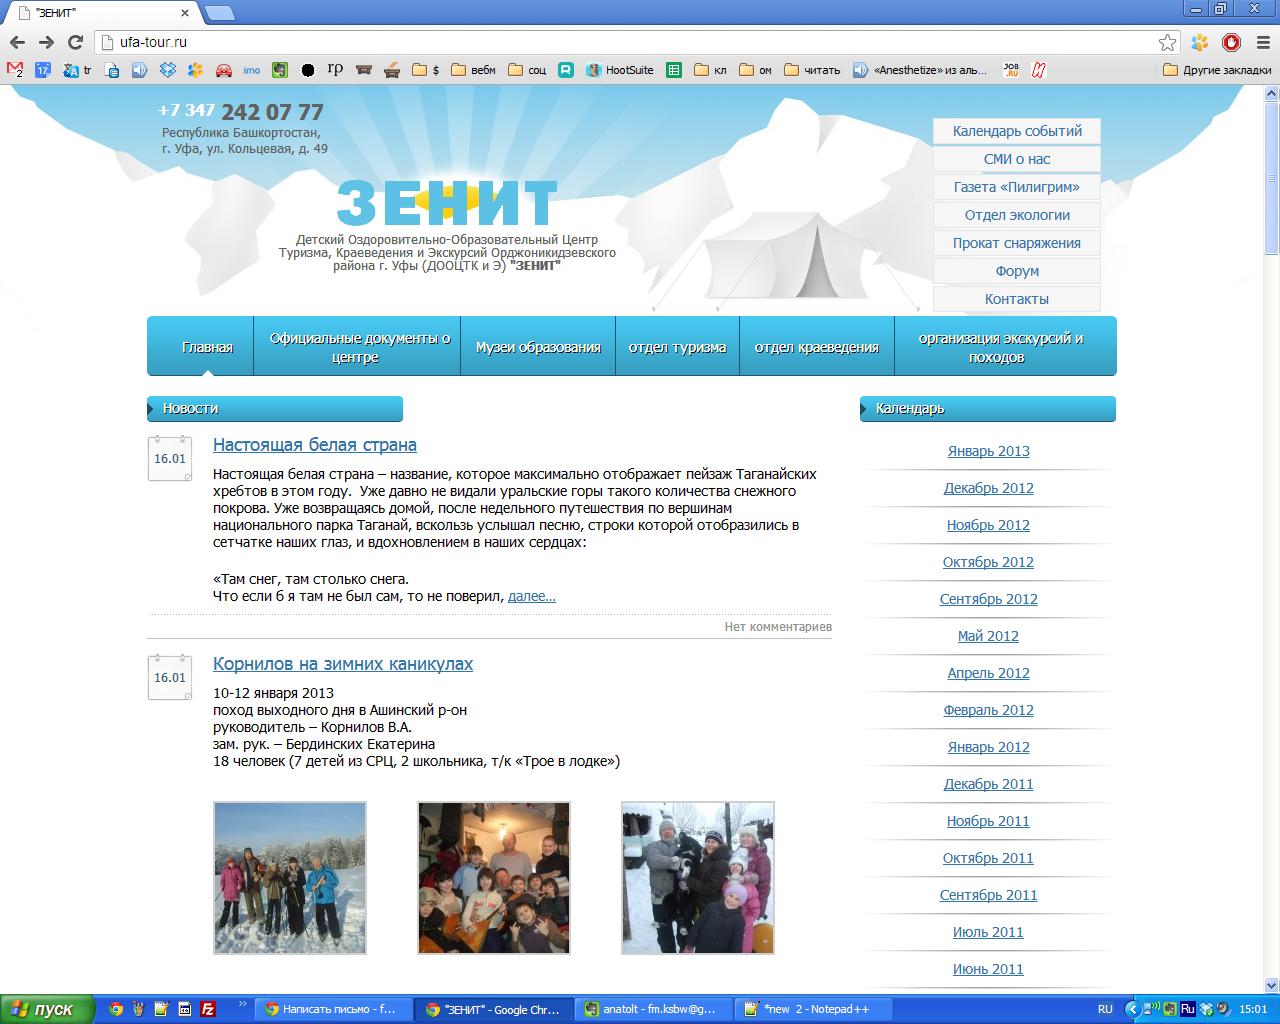 аудит сайта Зенит ufa-tour.ru